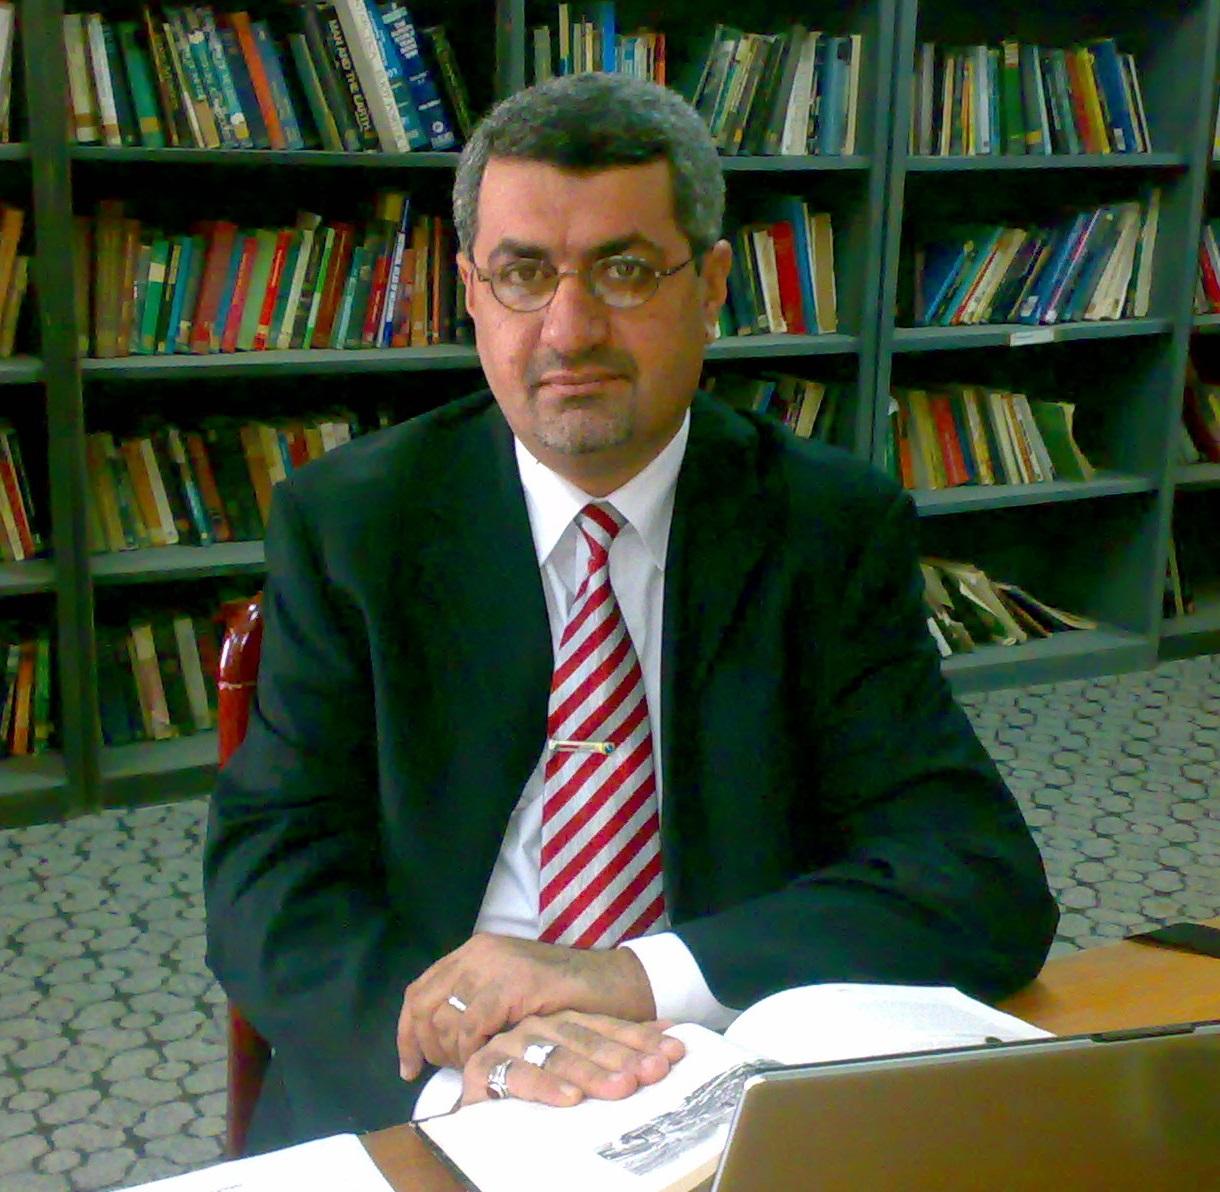 Shukri I. Al-Hassen